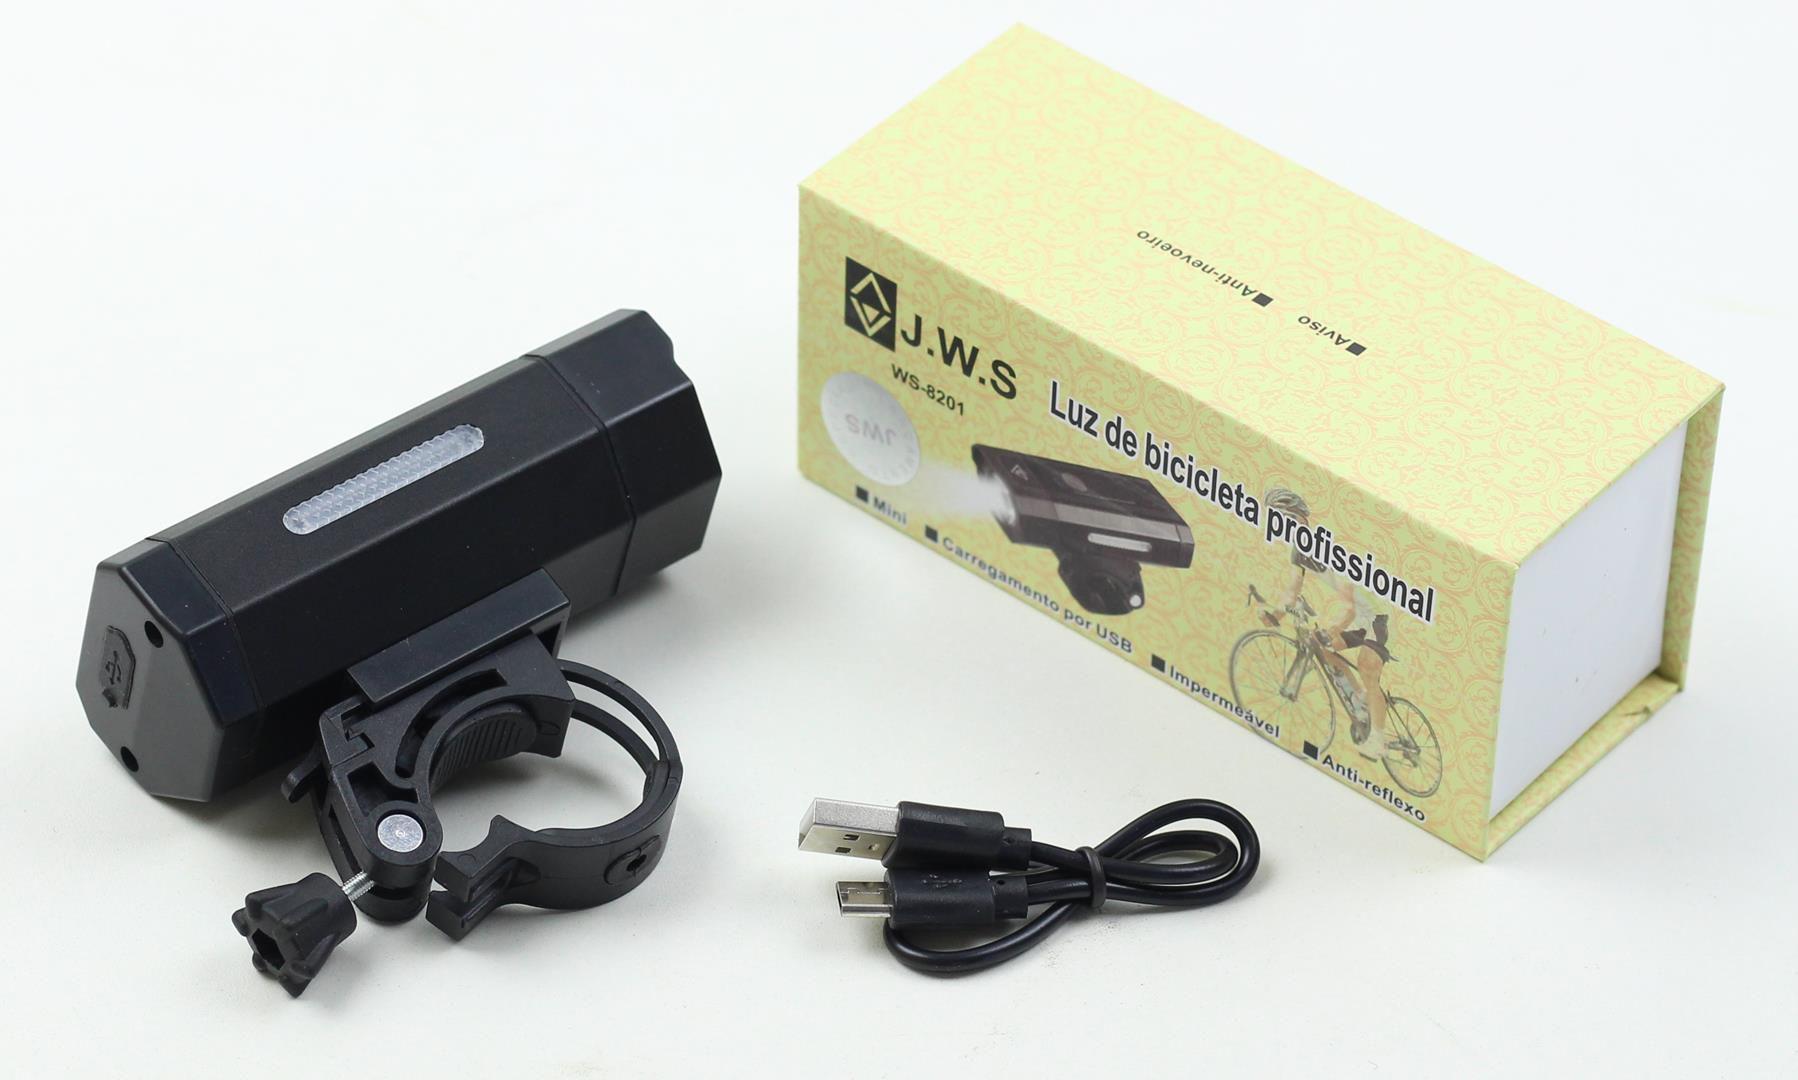 Lanterna Farol Dianteiro para Bicicleta JWS WS-8201 Super Led 1000 Lúmens Preto Recarregavél